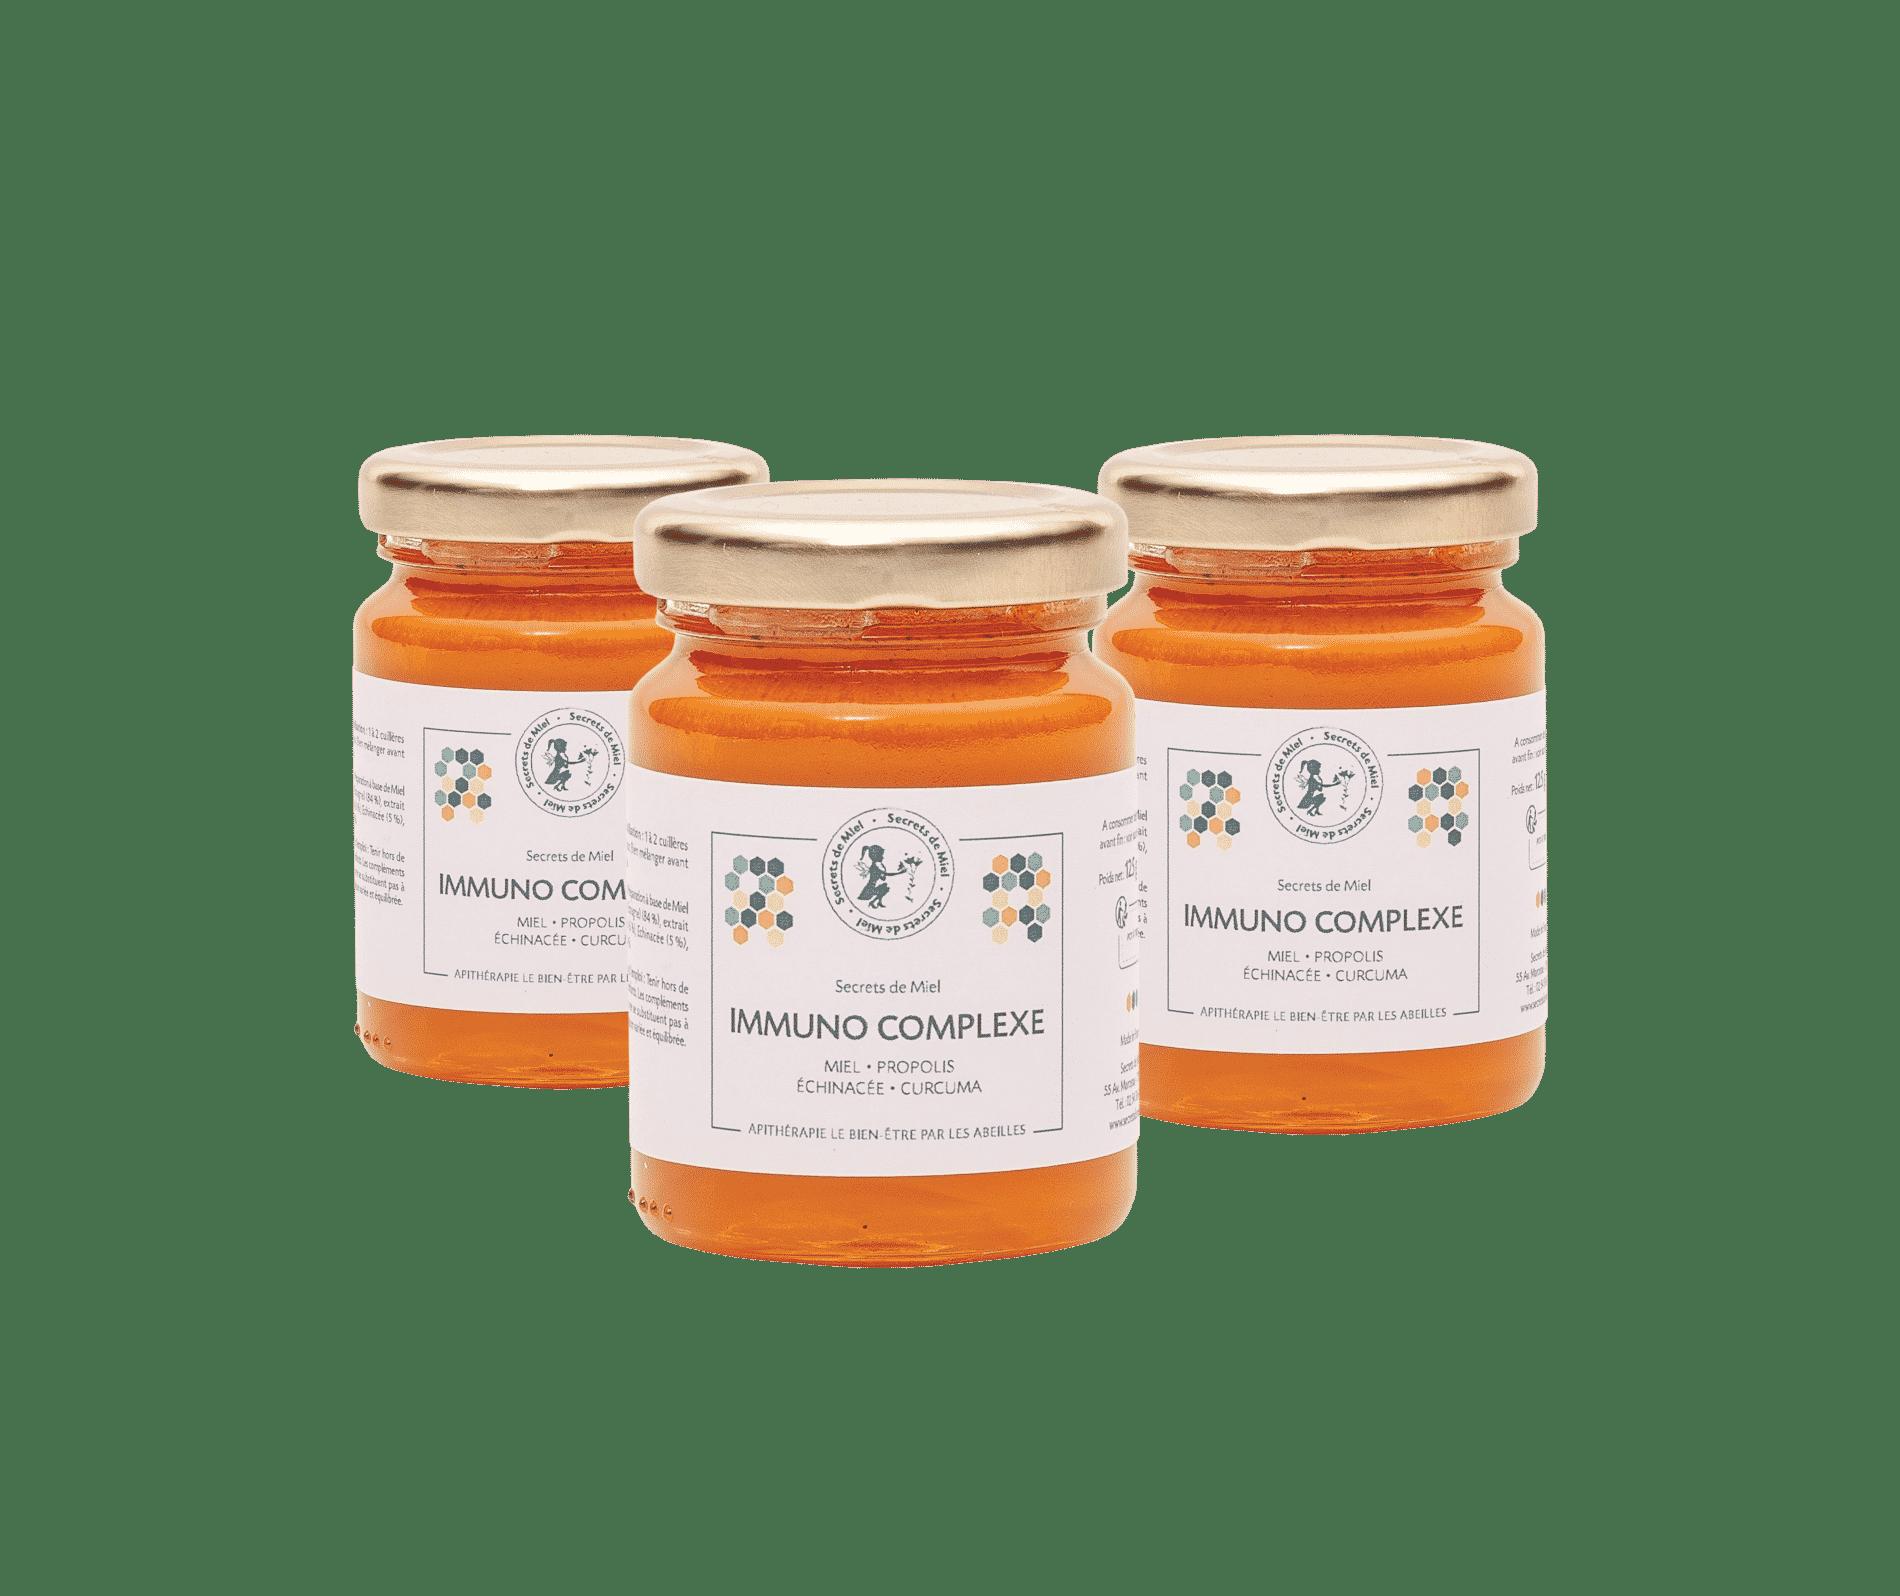 Immuno Complexe - mélange miel et plantes - miel - curcuma - échinacée - Secrets de Miel - booster ses défenses naturelles